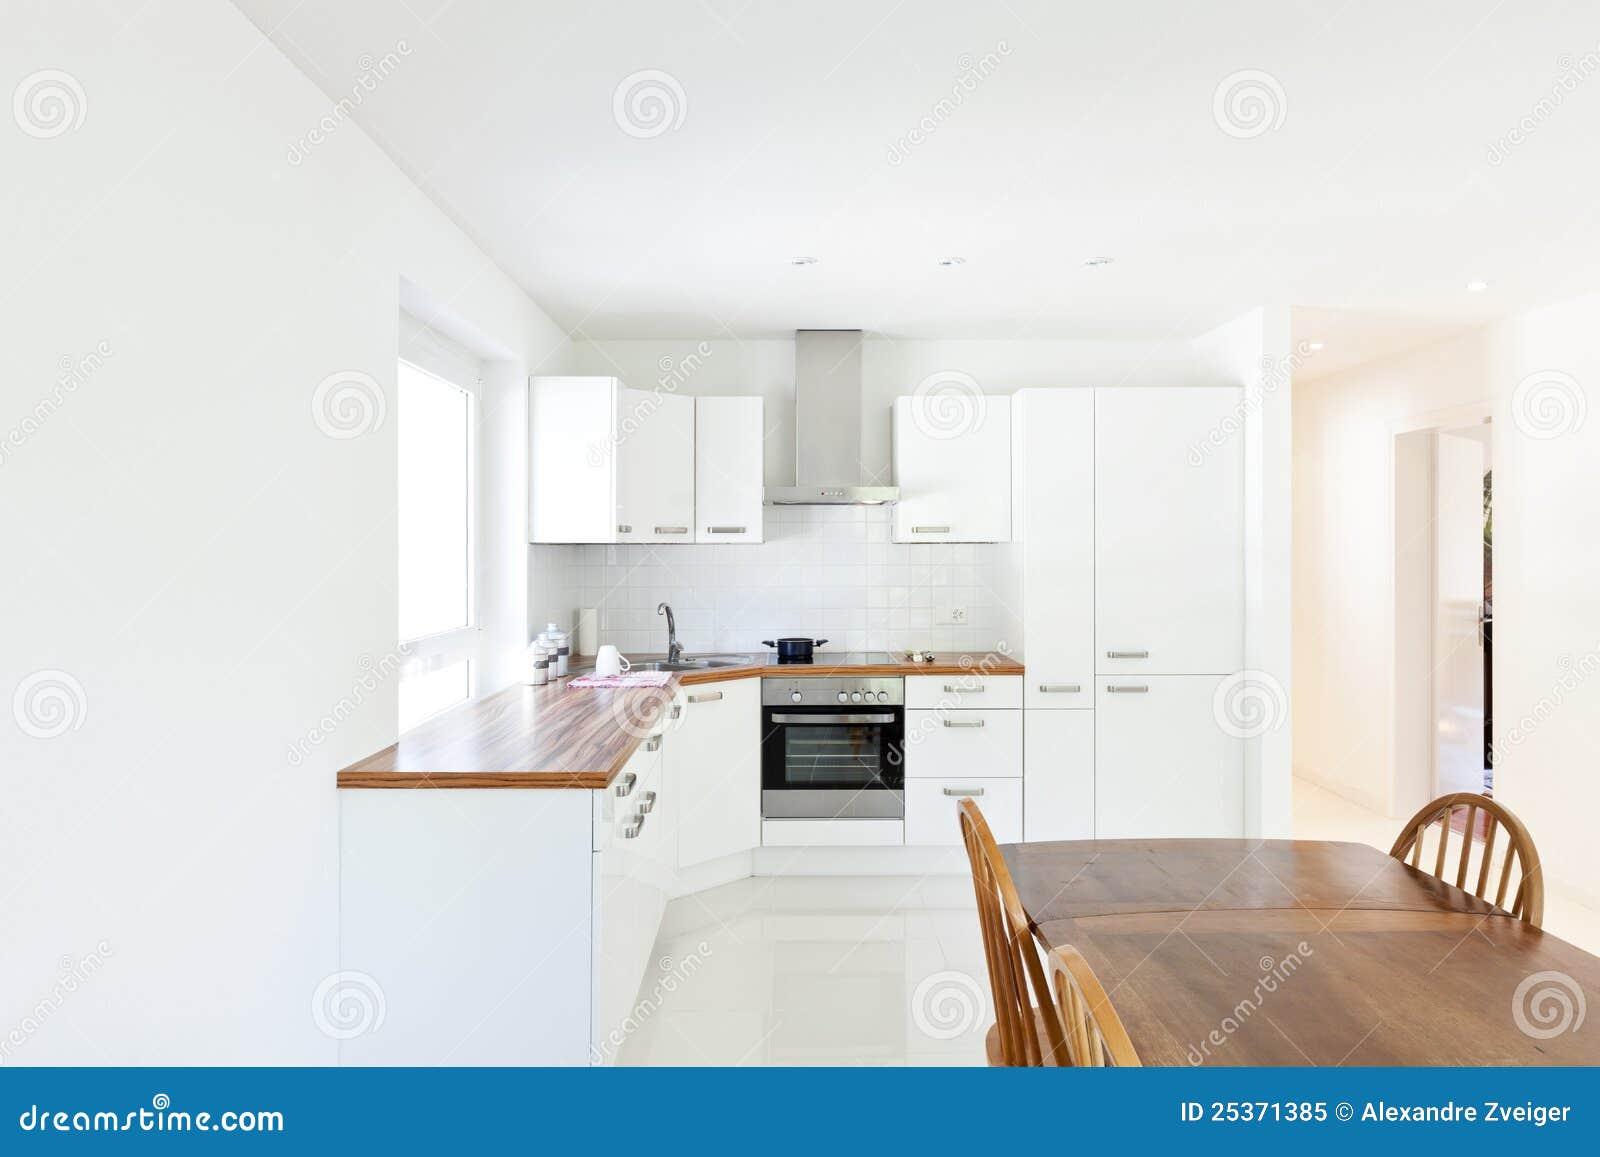 Moderne keuken eettafel stock afbeelding afbeelding bestaande uit habitation 25371385 - Moderne eettafel ...